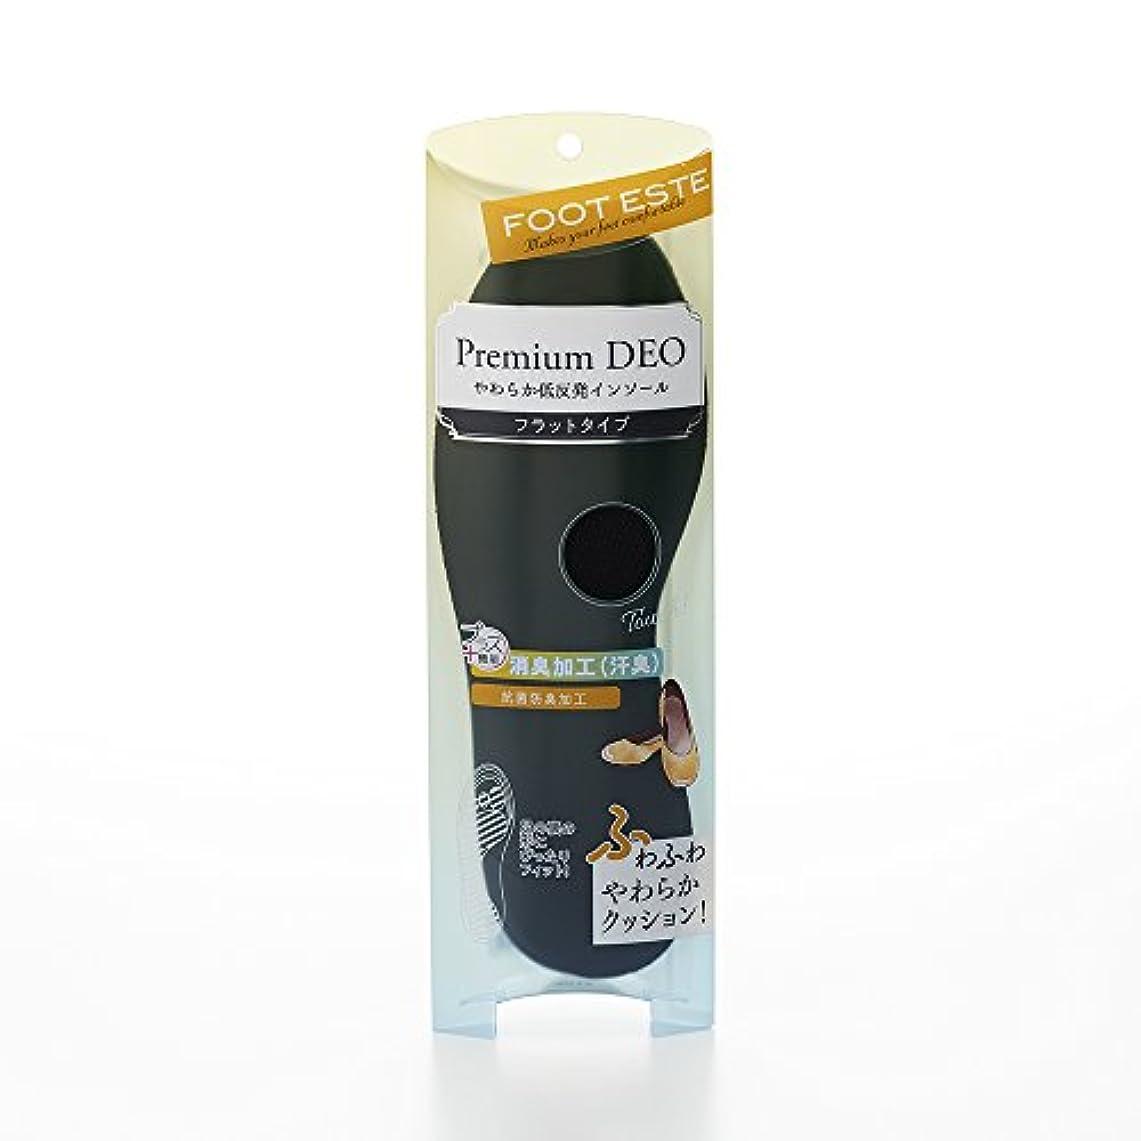 示すセンチメンタルうねるフットエステ Premium DEO プレミアムデオ やわらか低反発インソール フラットタイプ 【消臭 抗菌防臭】